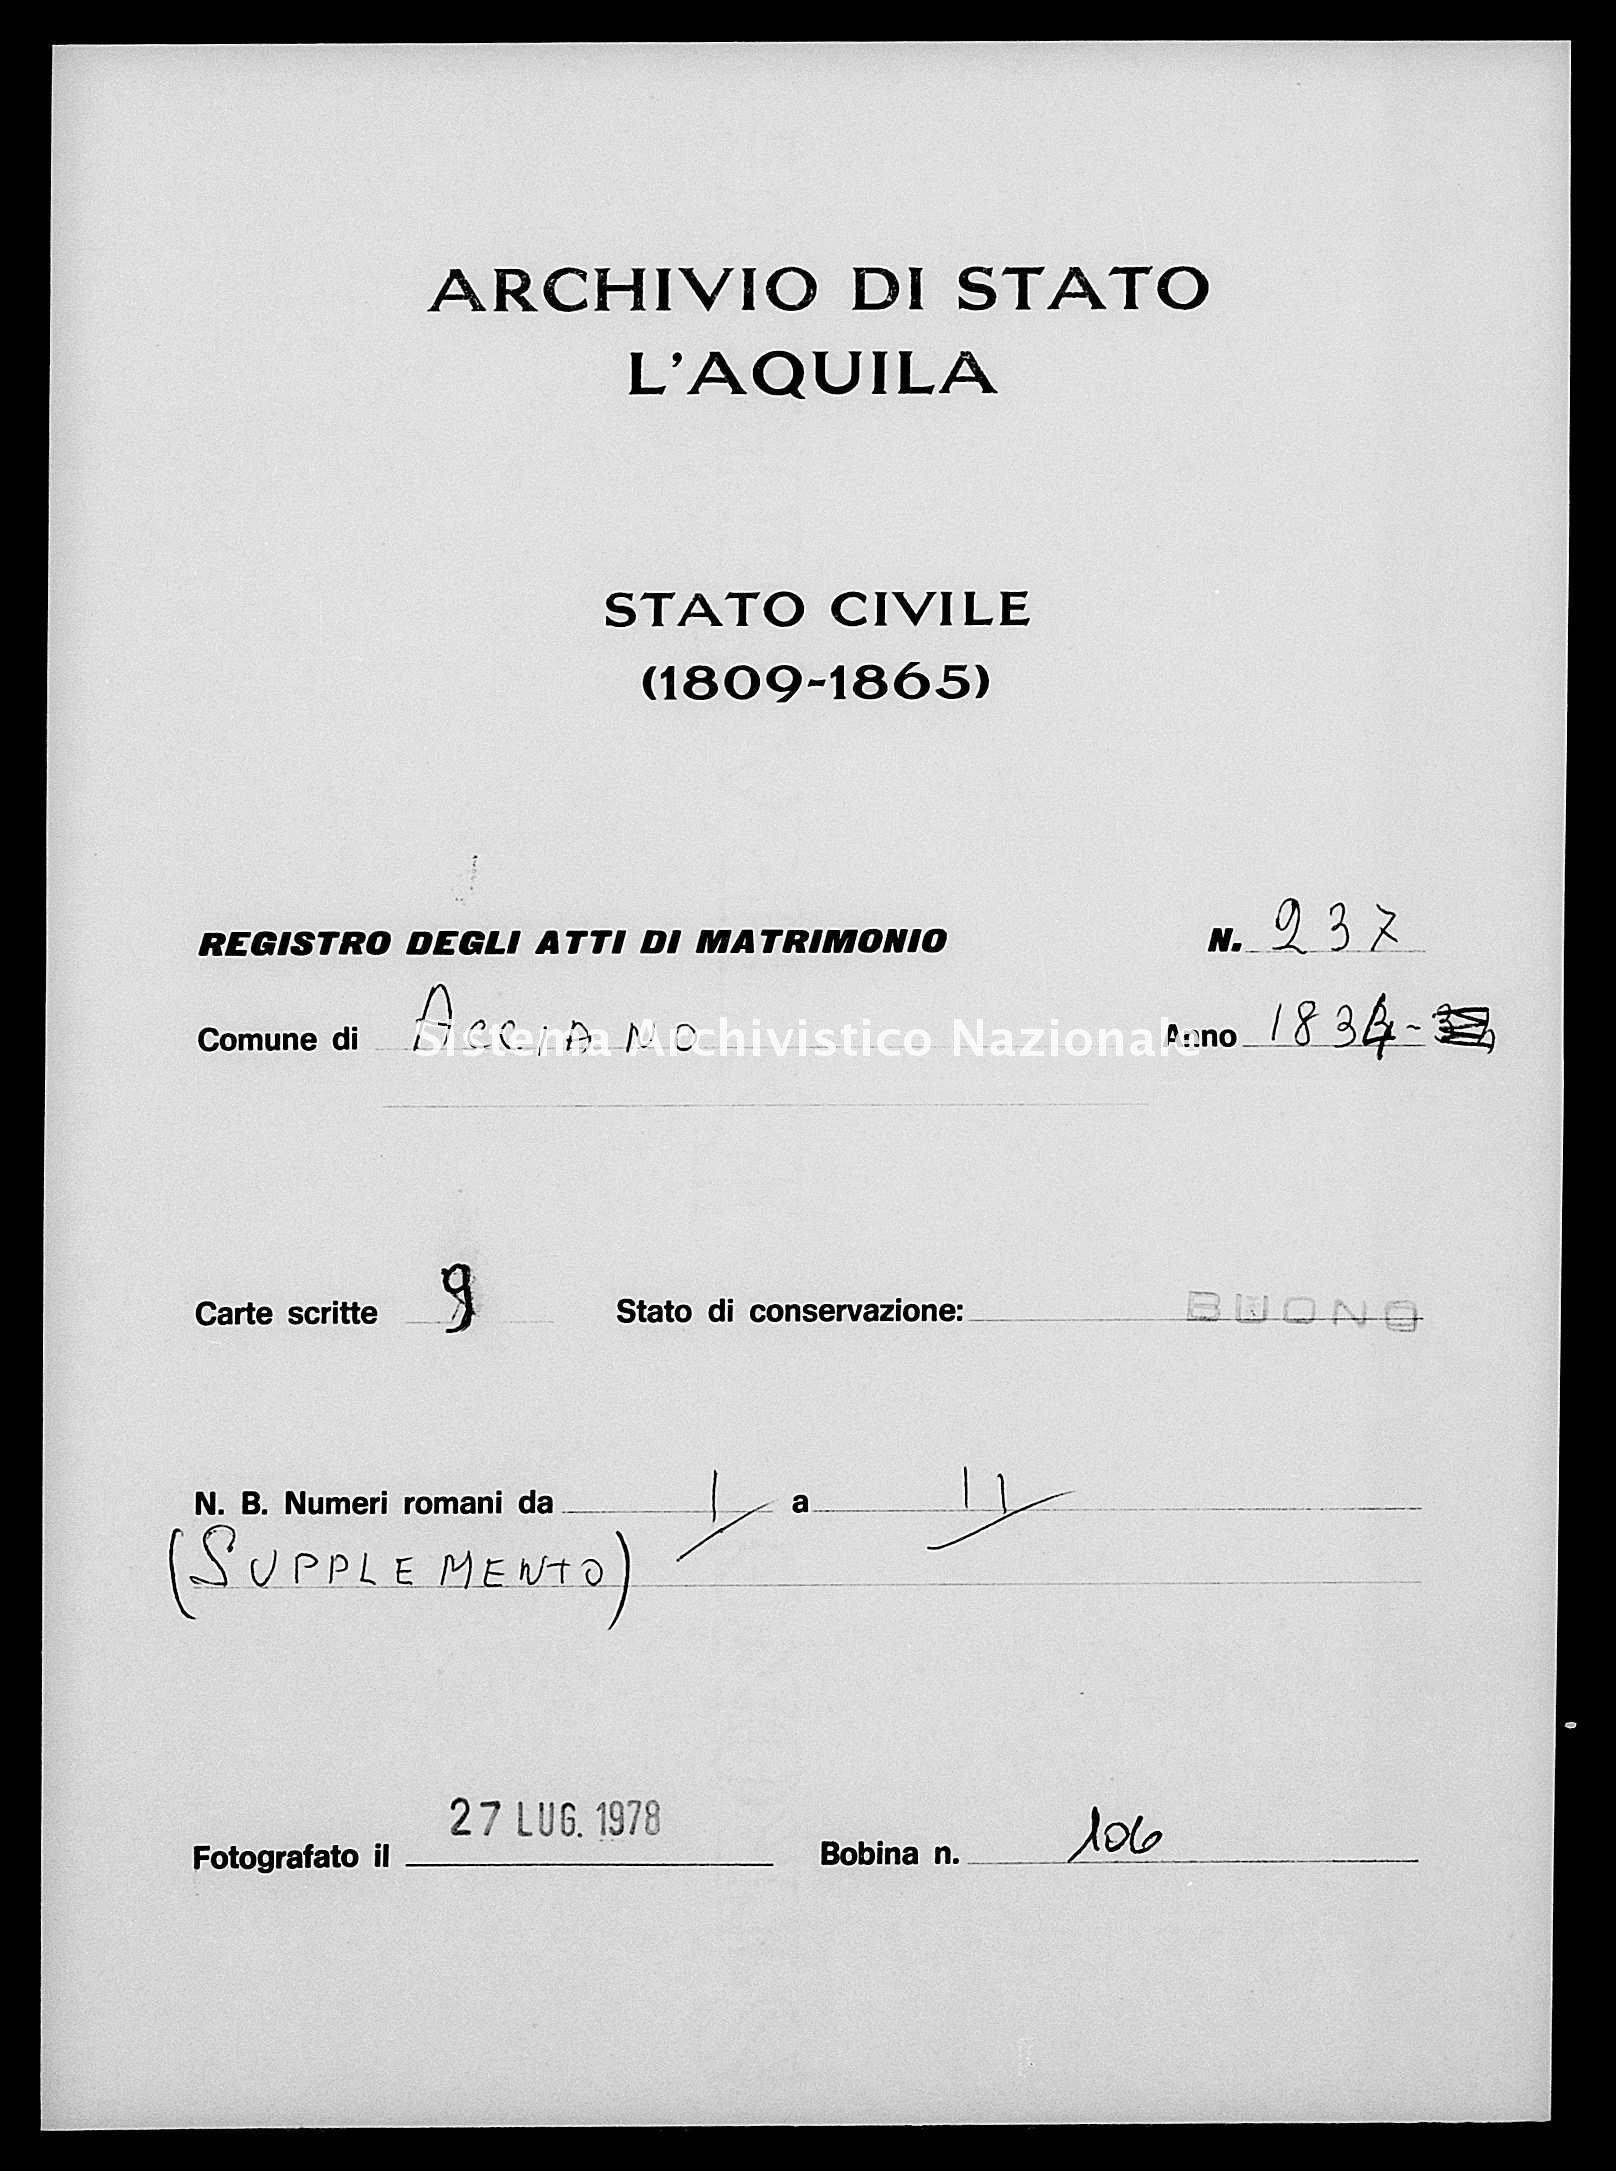 Archivio di stato di L'aquila - Stato civile della restaurazione - Acciano - Matrimoni - 1834 - 238 -